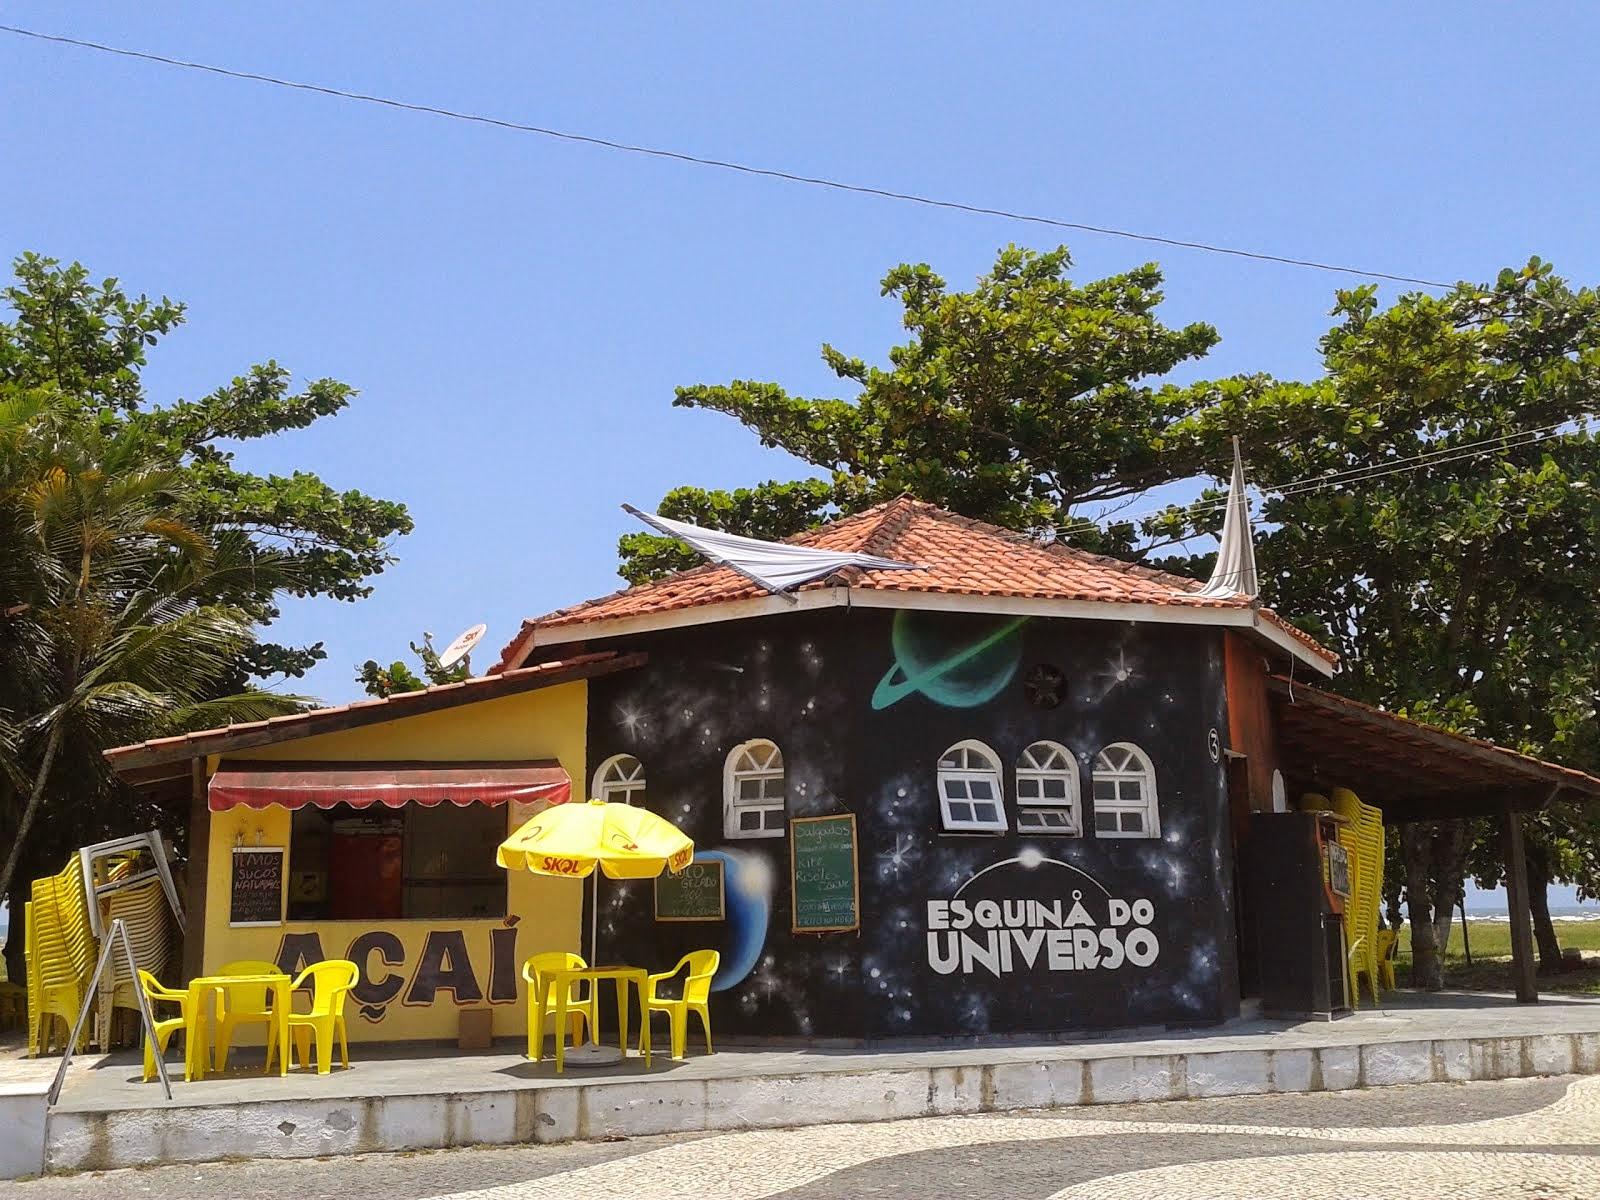 ESQUINA DO UNIVERSO